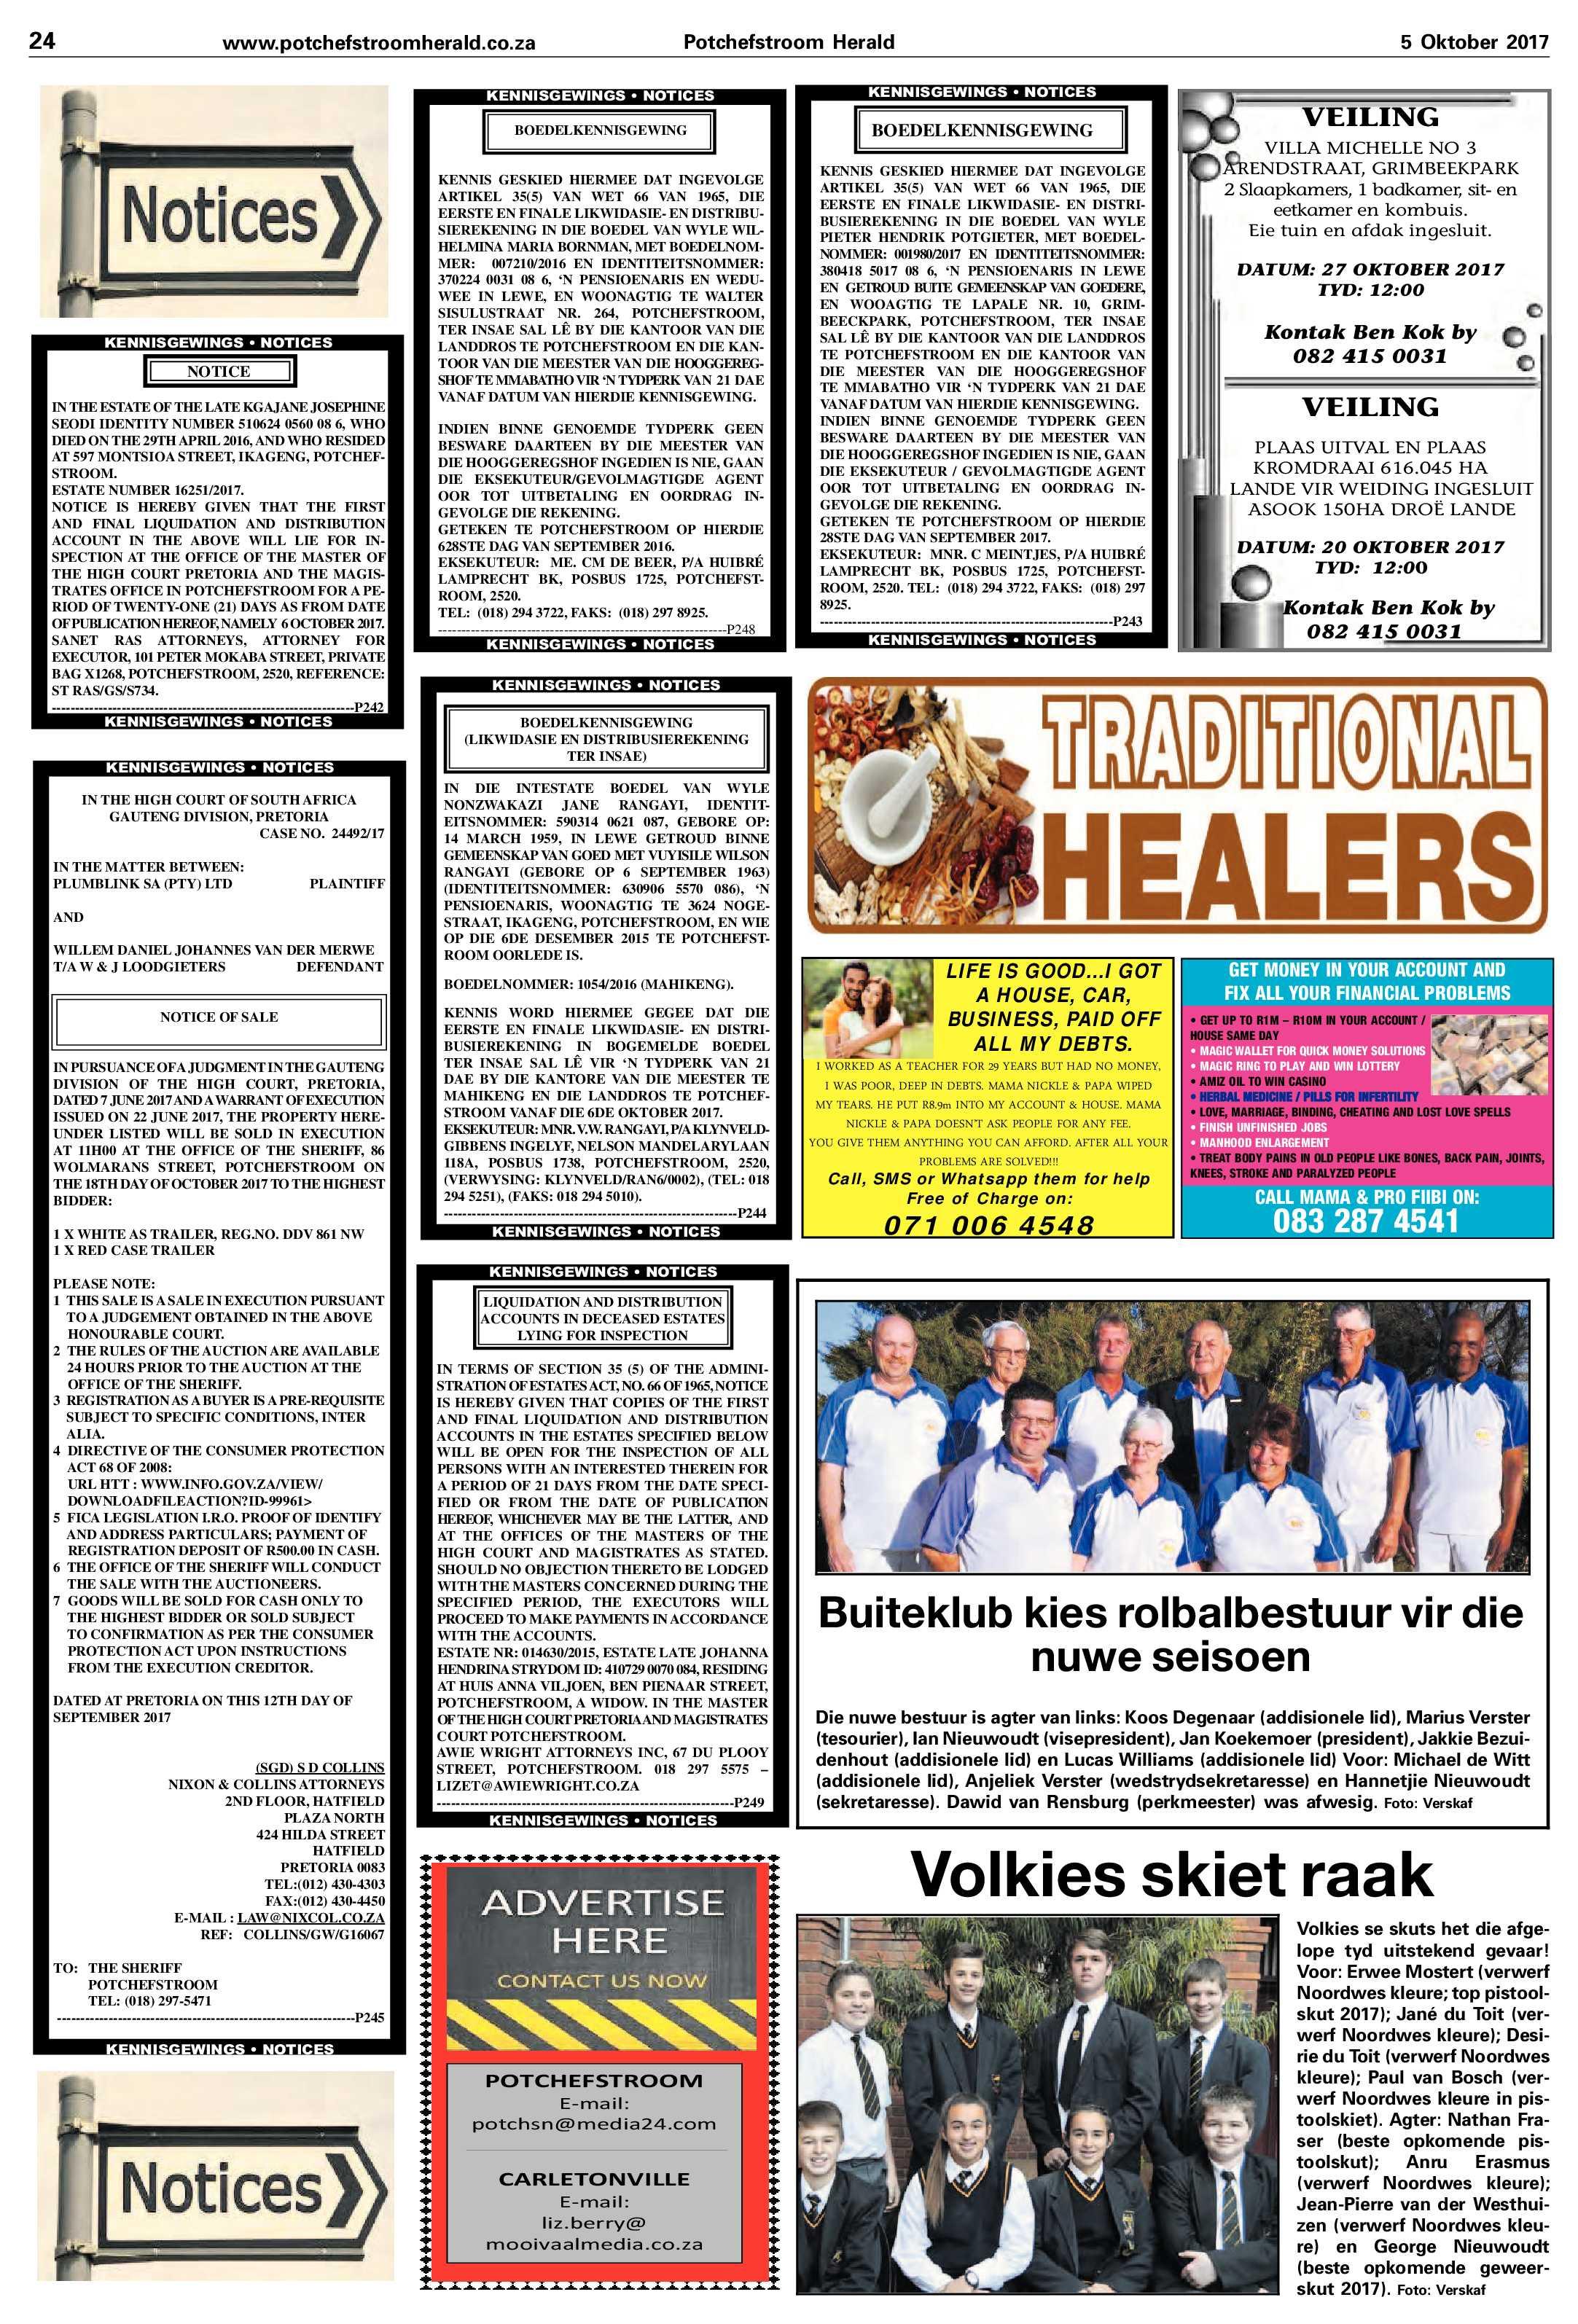 5-oktober-2017-epapers-page-24